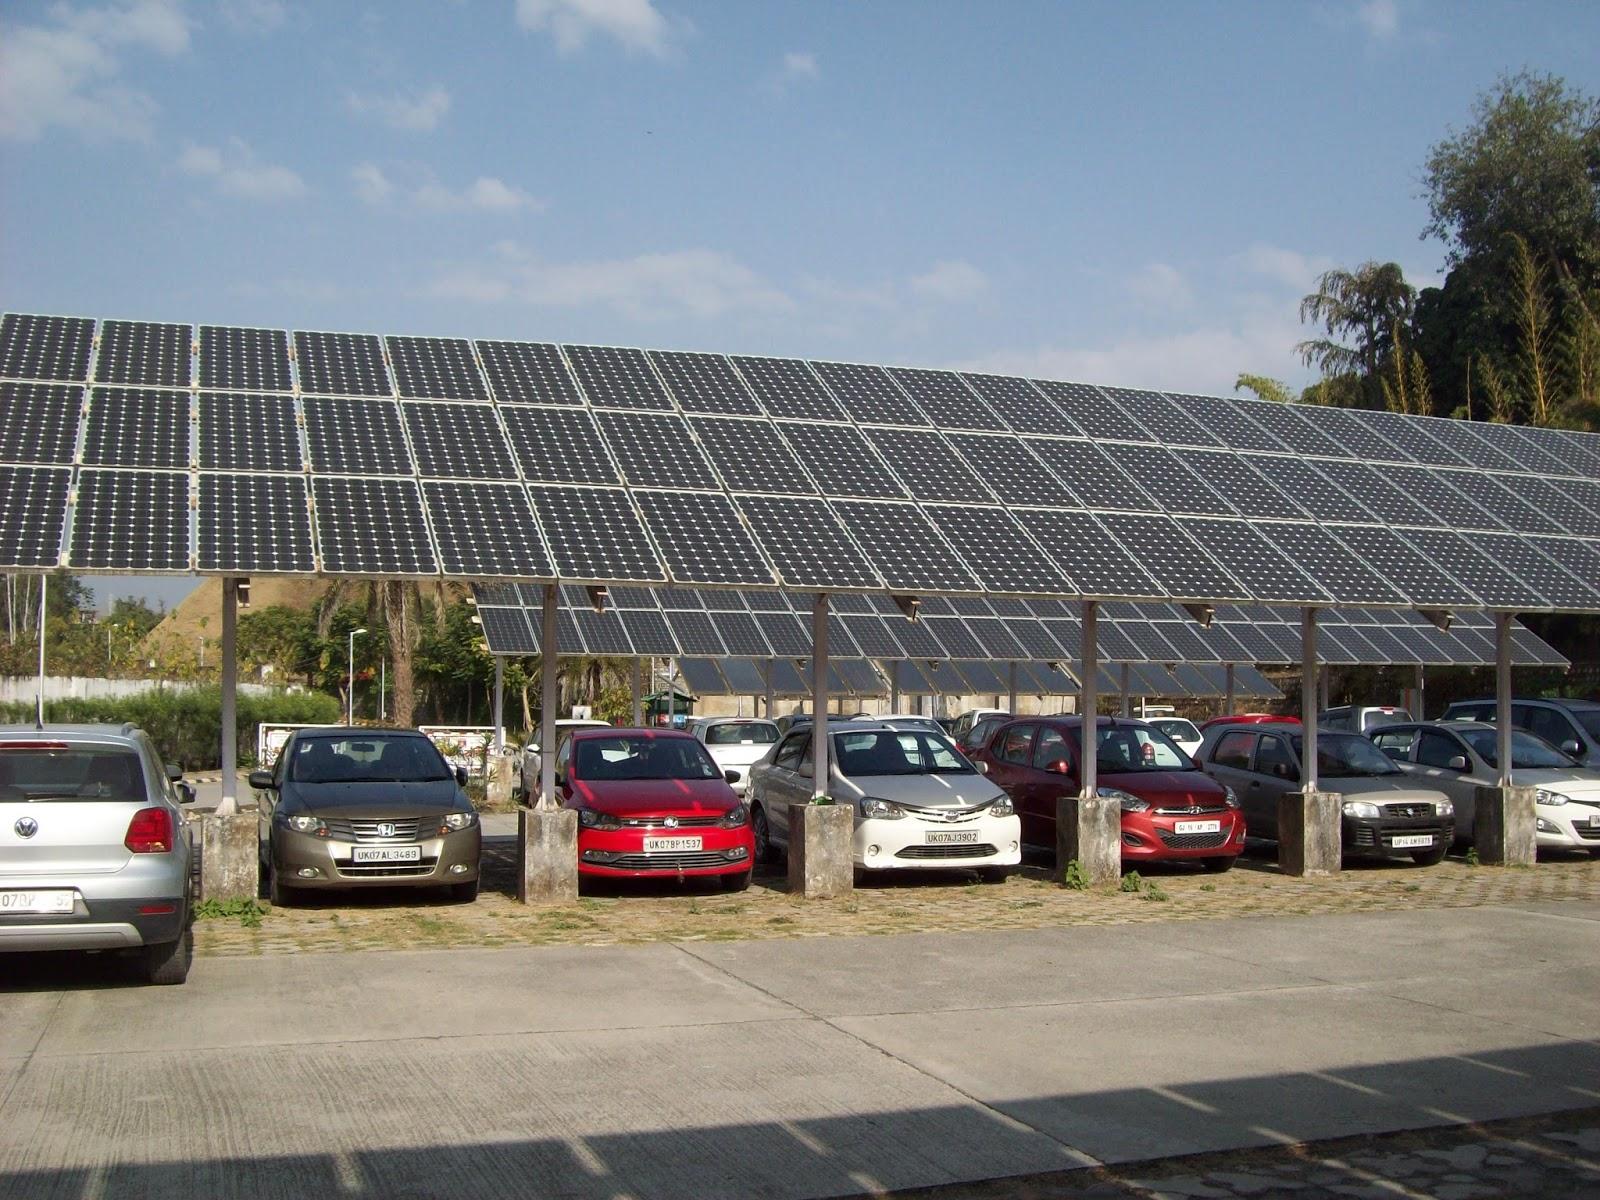 Carbon Car Parking Games